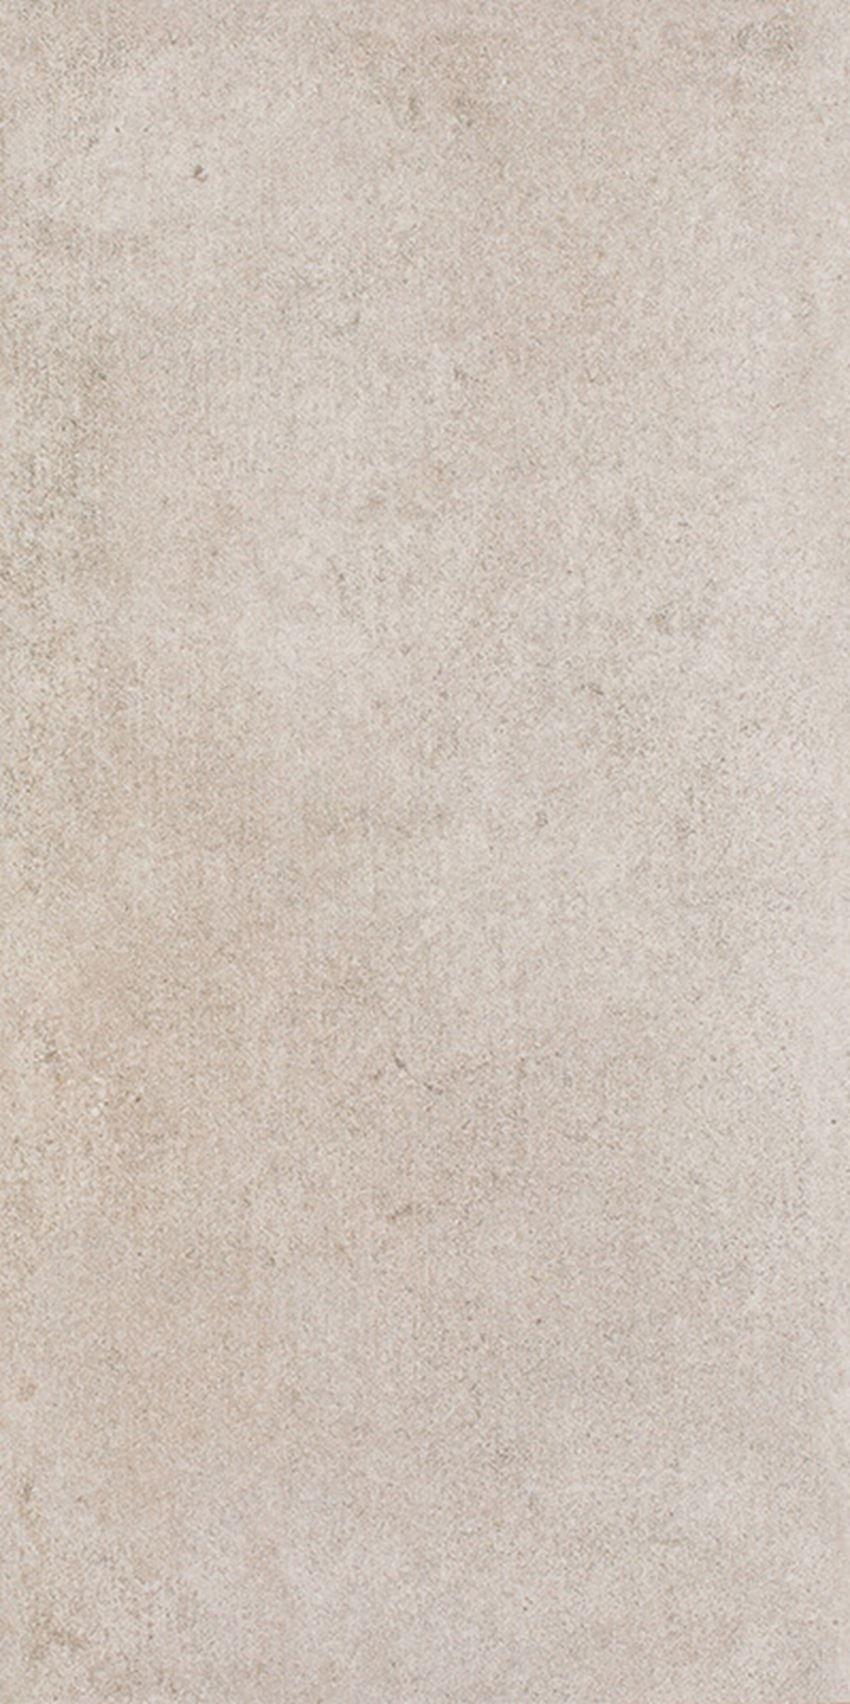 Płytka ścienno-podłogowa 29,8x59,8 cm Paradyż Riversand Beige Gres Szkl. Rekt. Mat